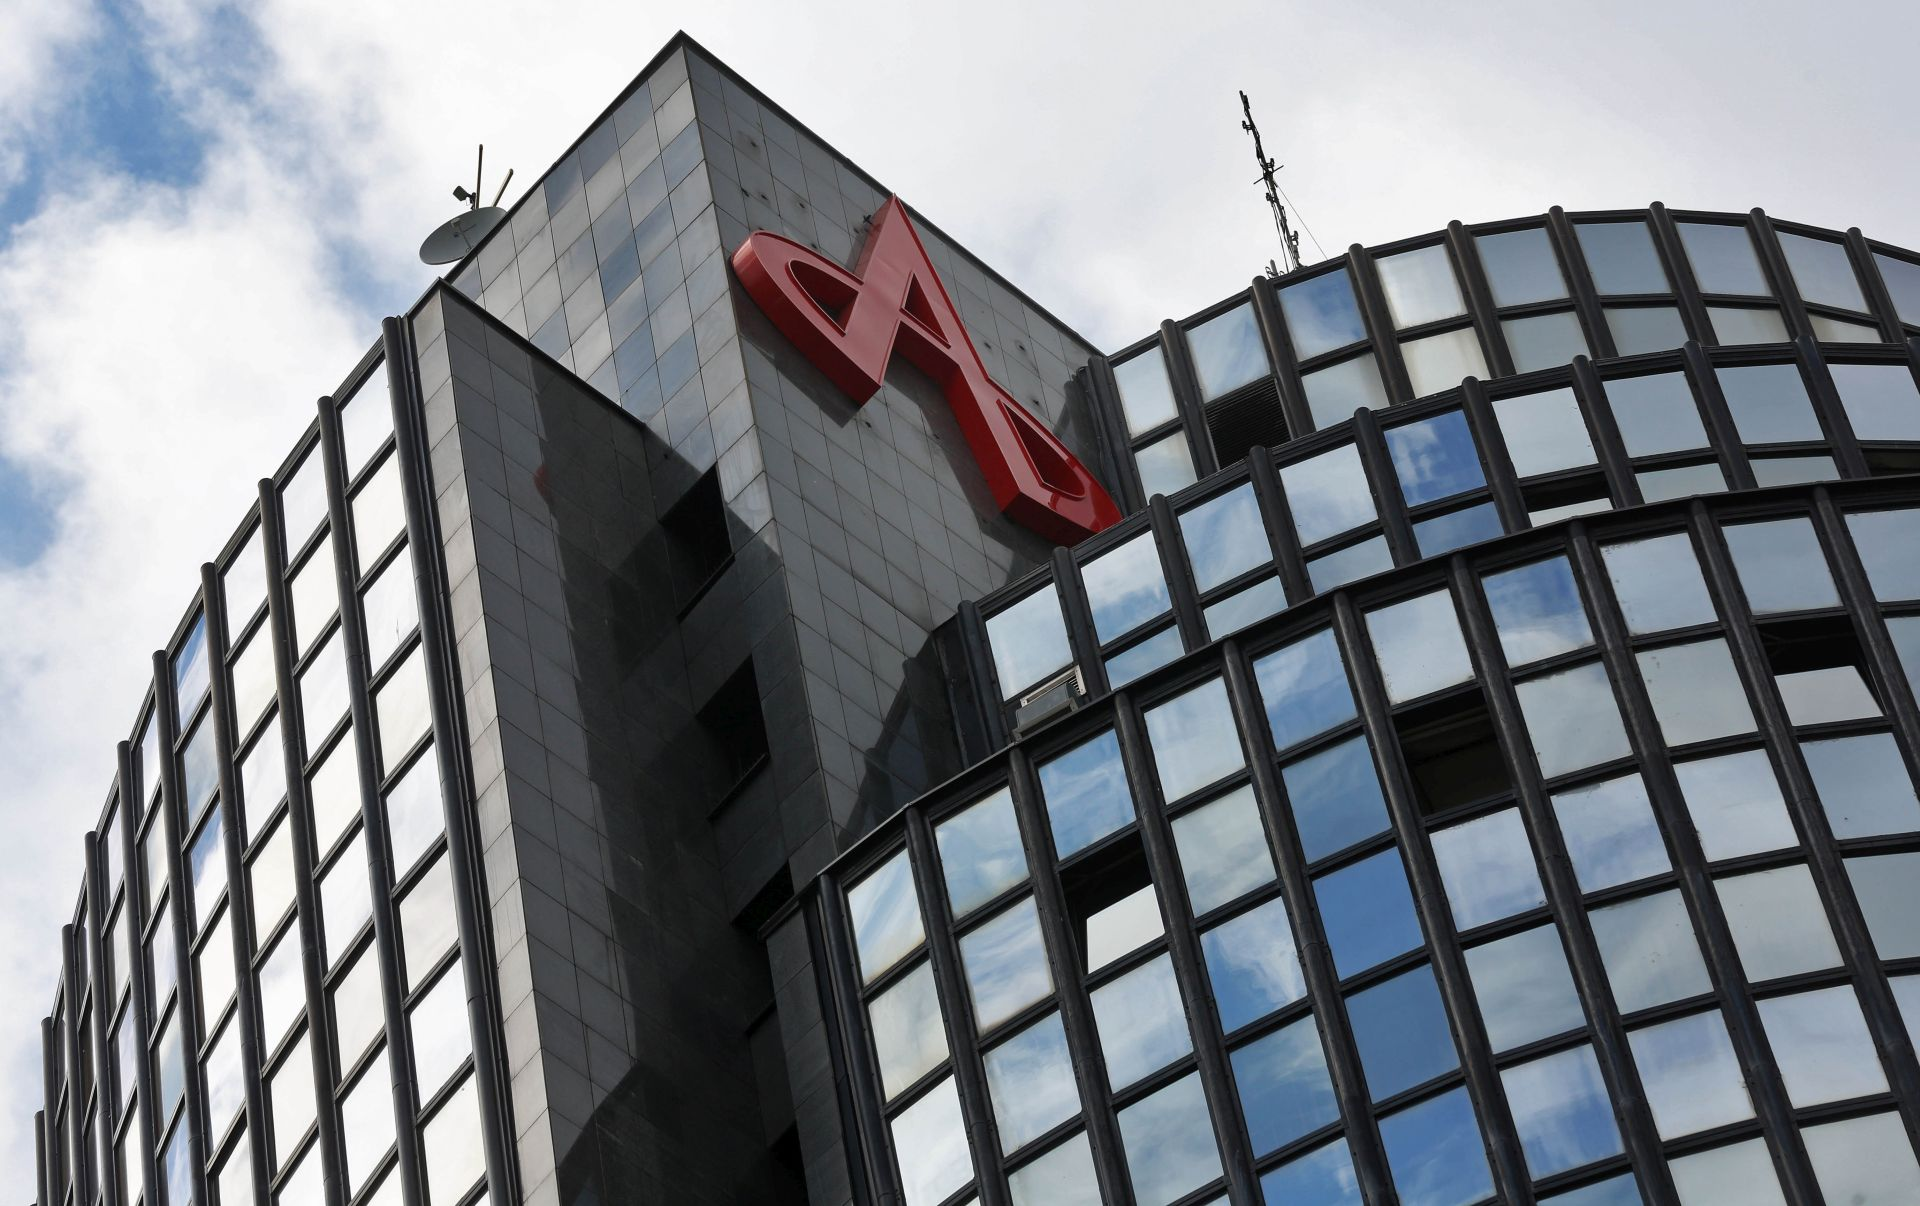 AGENCIJA S&P: Kriza u Agrokoru neće utjecati na kreditni rejting Hrvatske